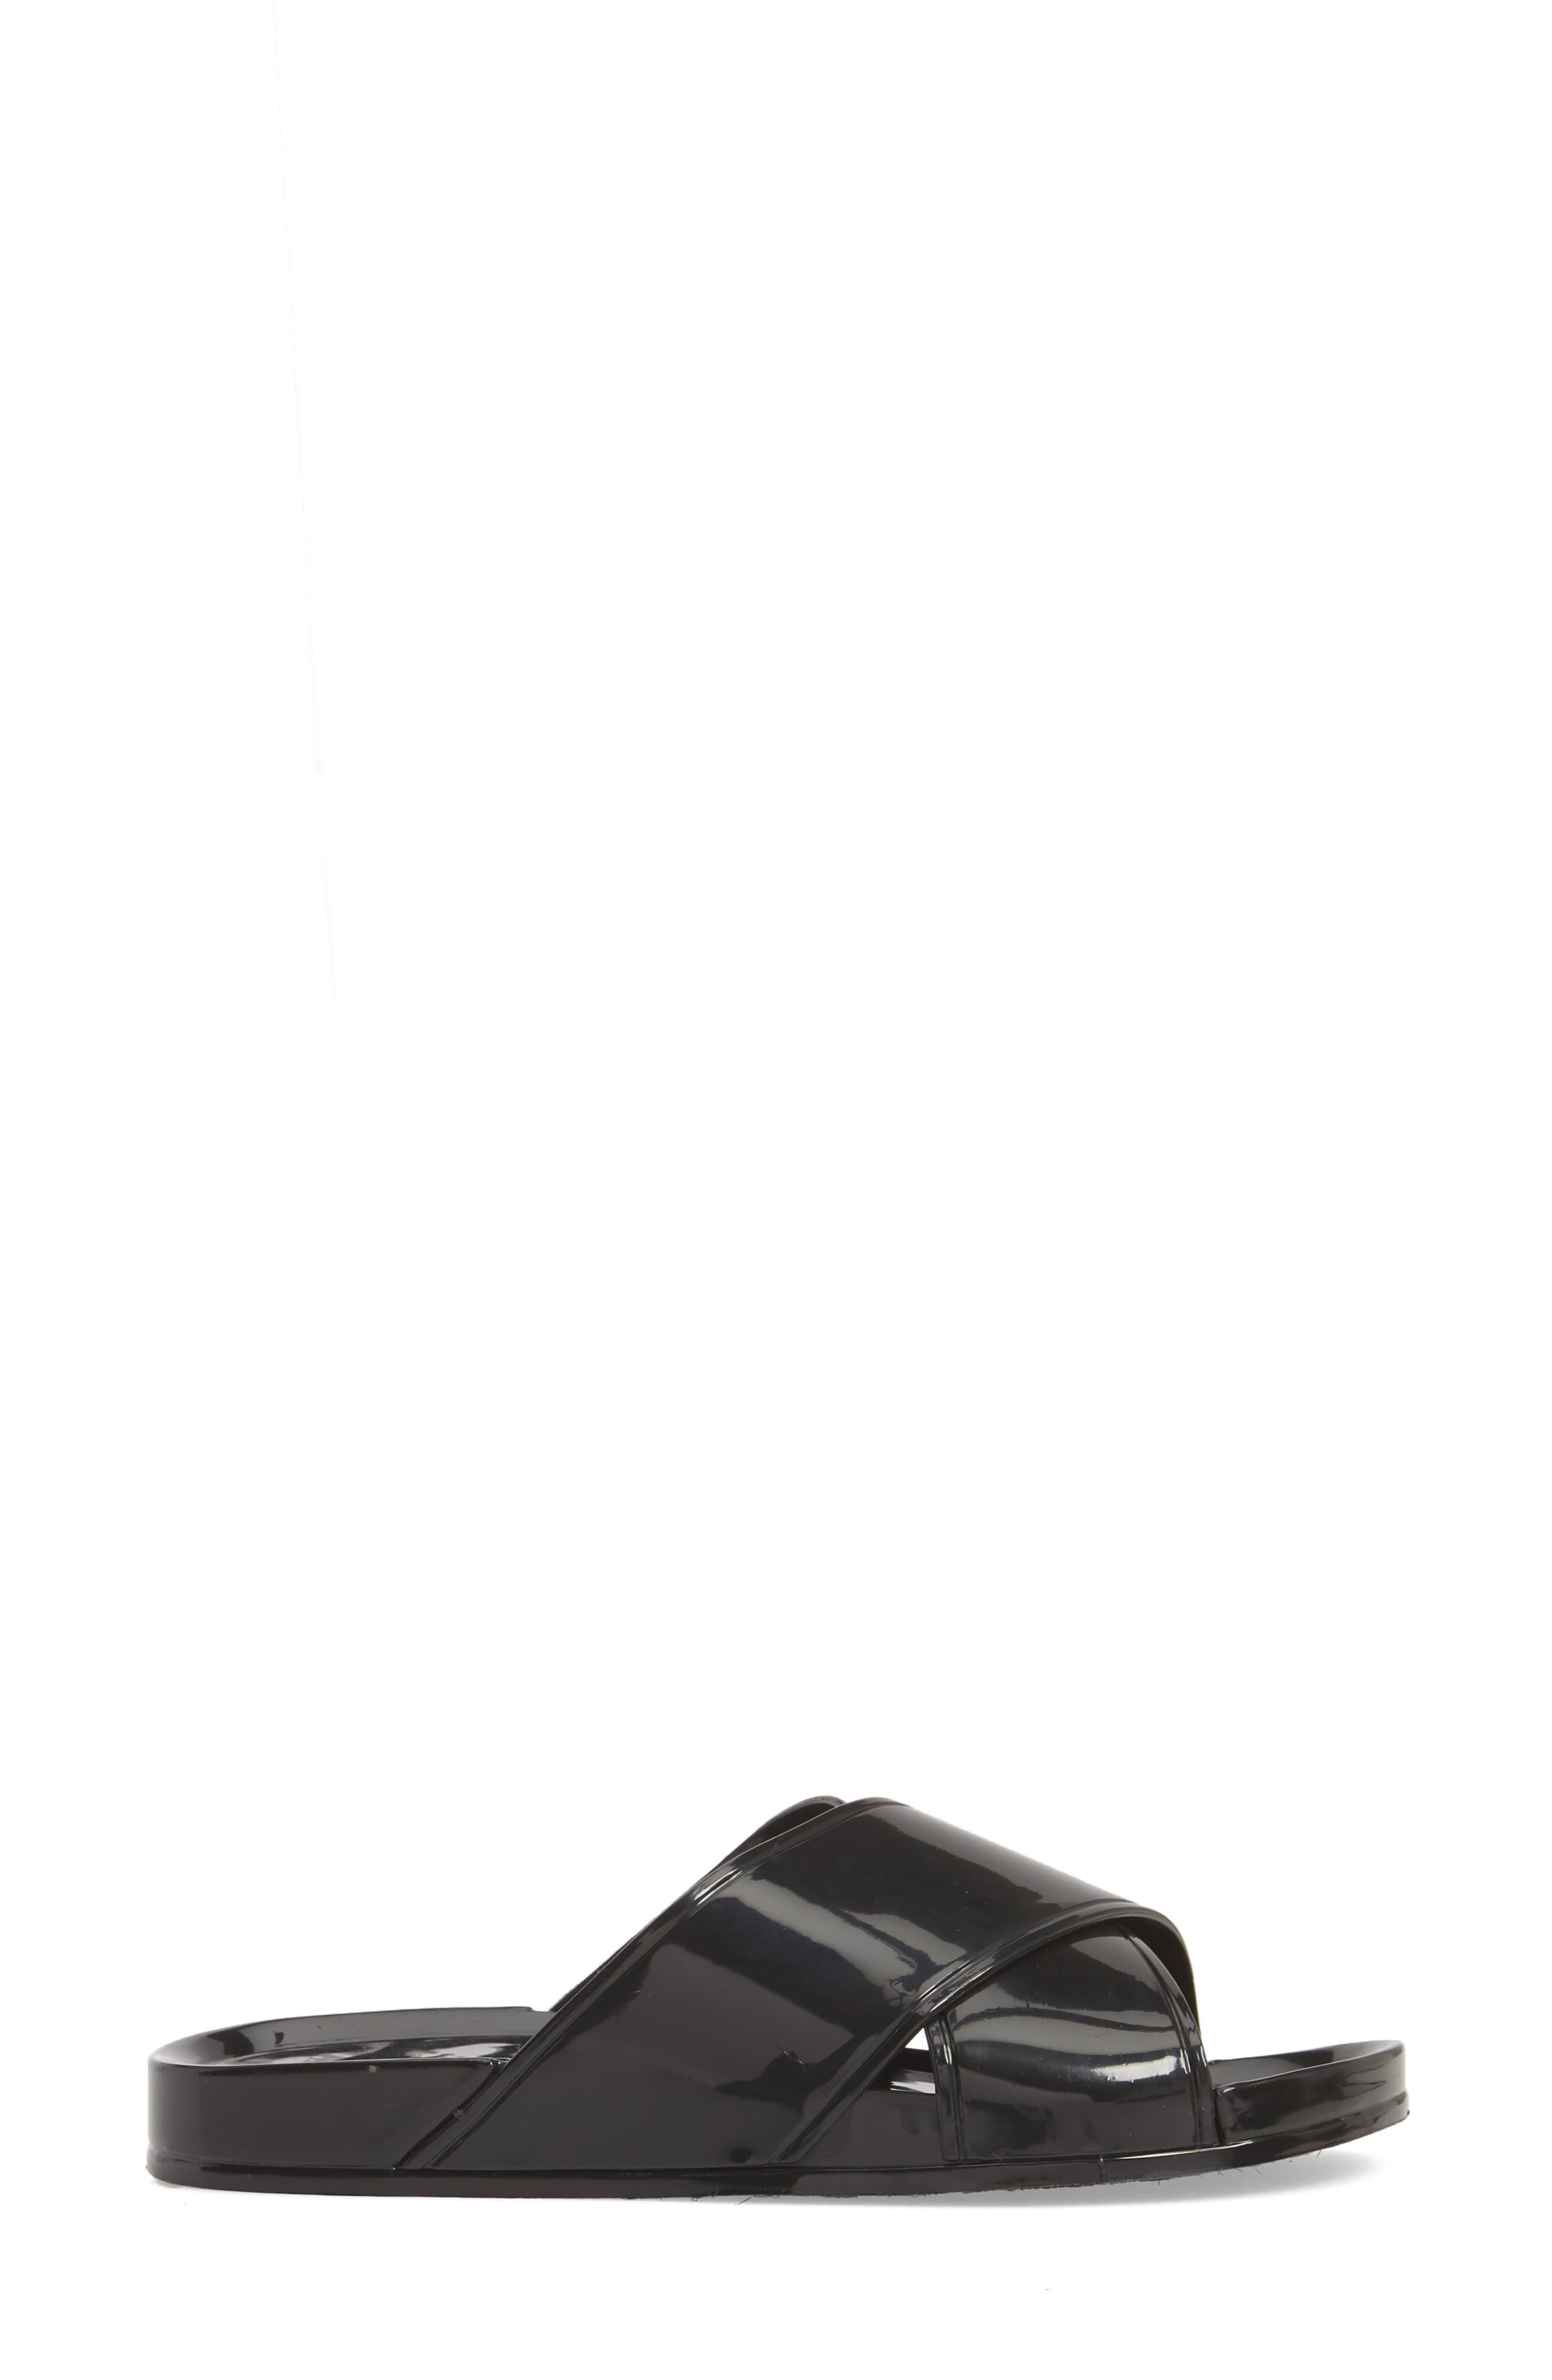 Roxy Jelly Slide Sandal,                             Alternate thumbnail 3, color,                             001